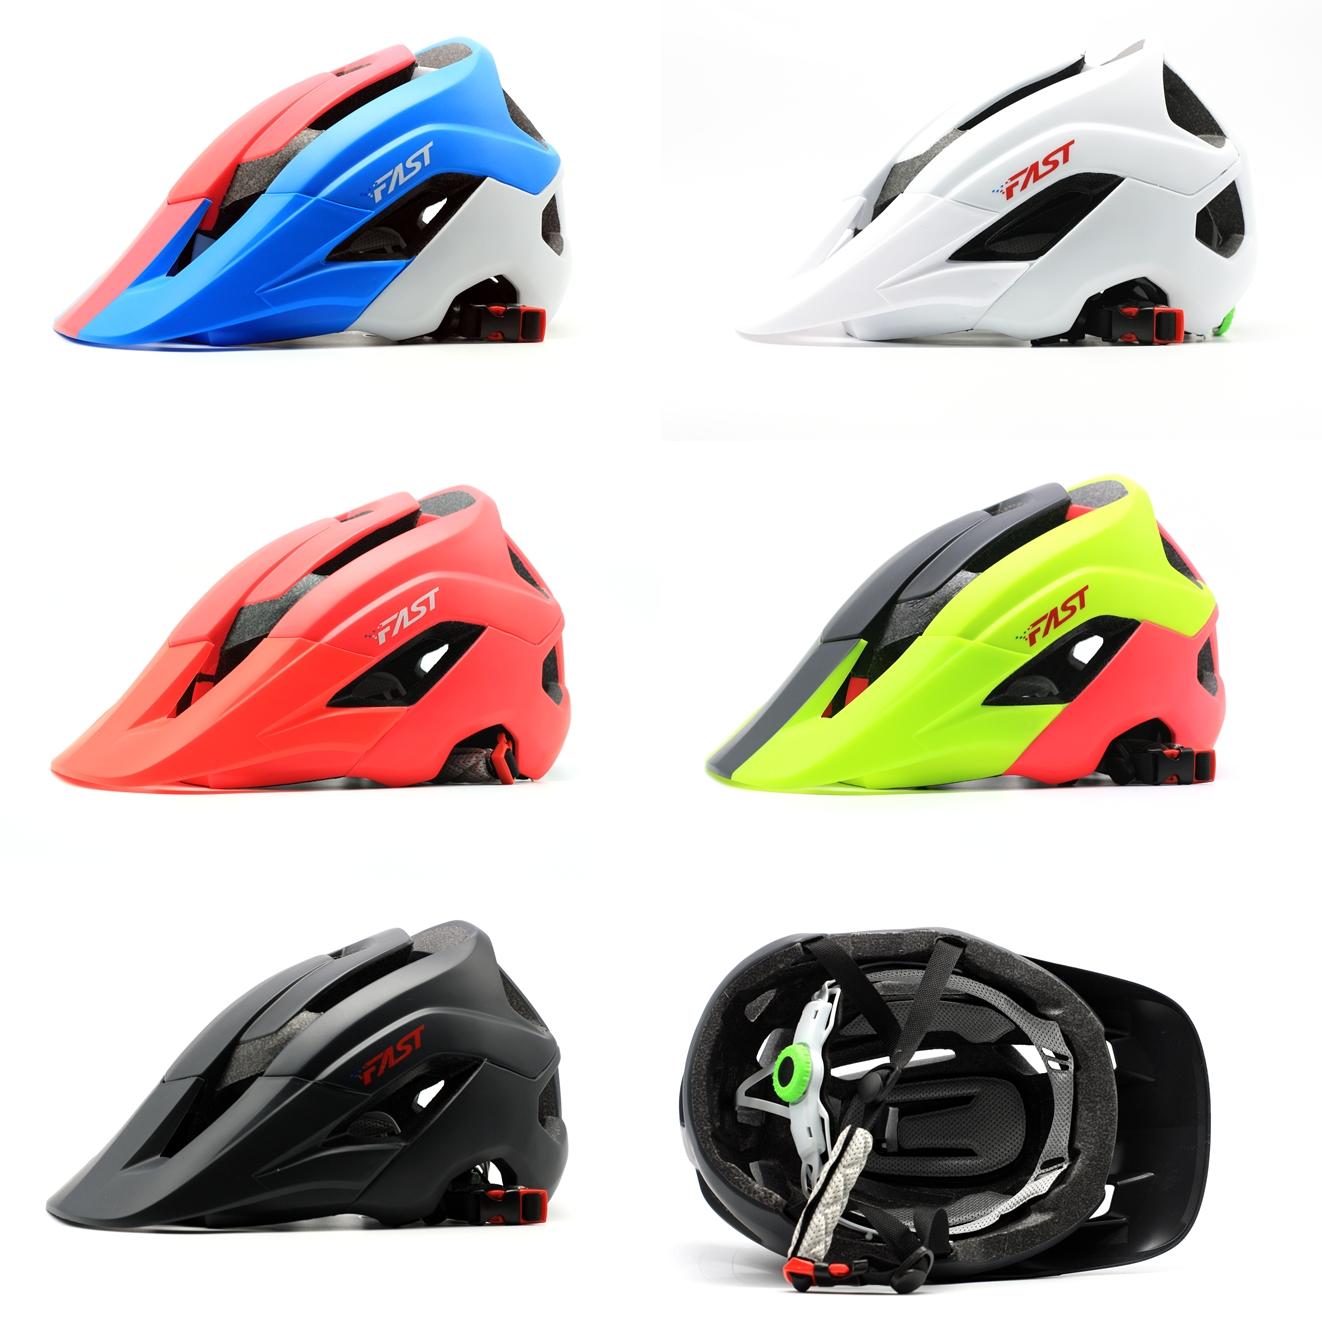 หมวกกันน็อคจักรยาน FAST รุ่น FM 1